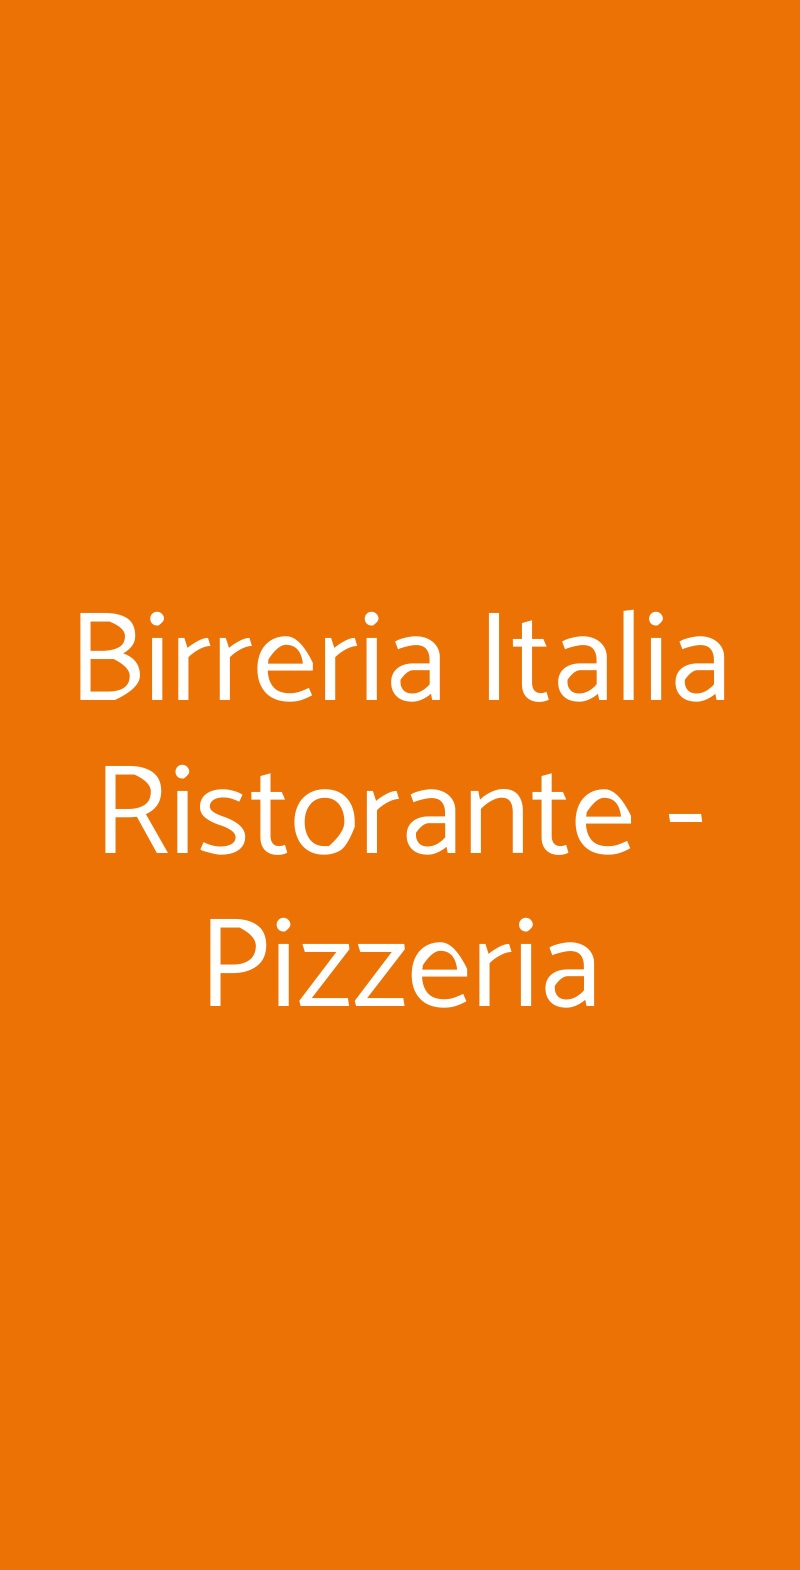 Birreria Italia Ristorante - Pizzeria Sanremo menù 1 pagina